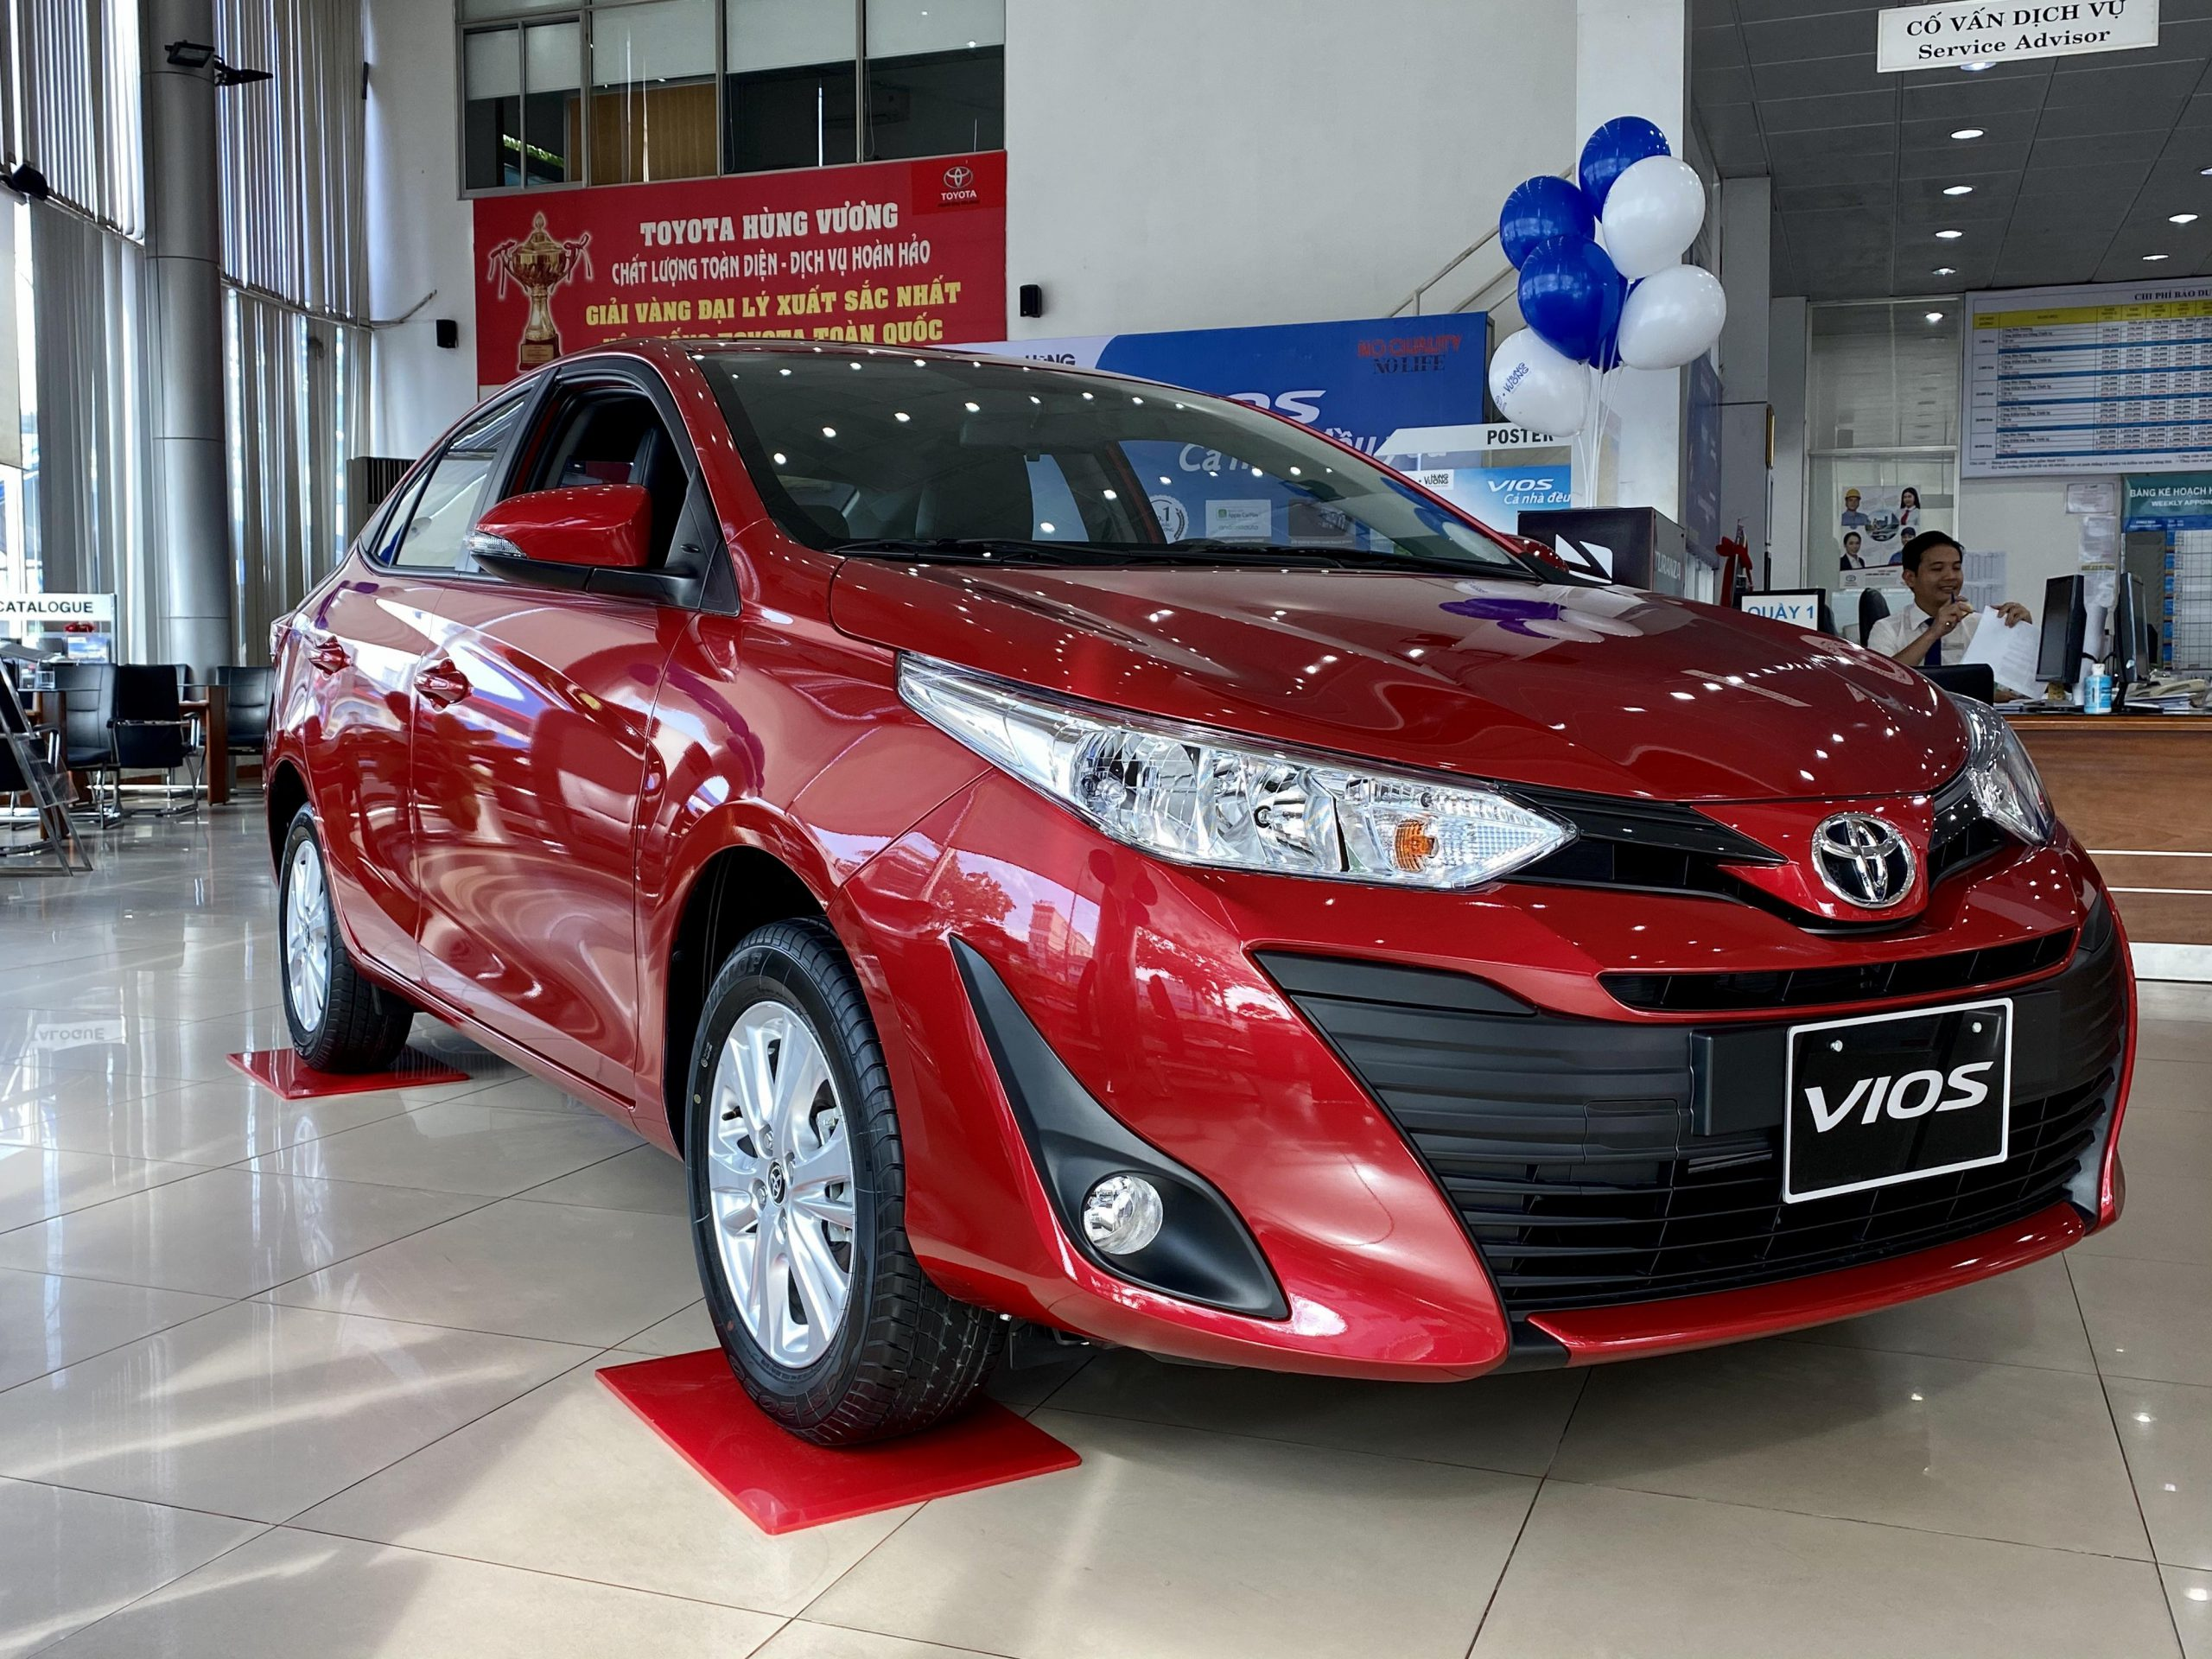 Vios 2020 mt 02 scaled - Toyota Vios 2020: giá bán và khuyến mãi cập nhật mỗi 2 phút